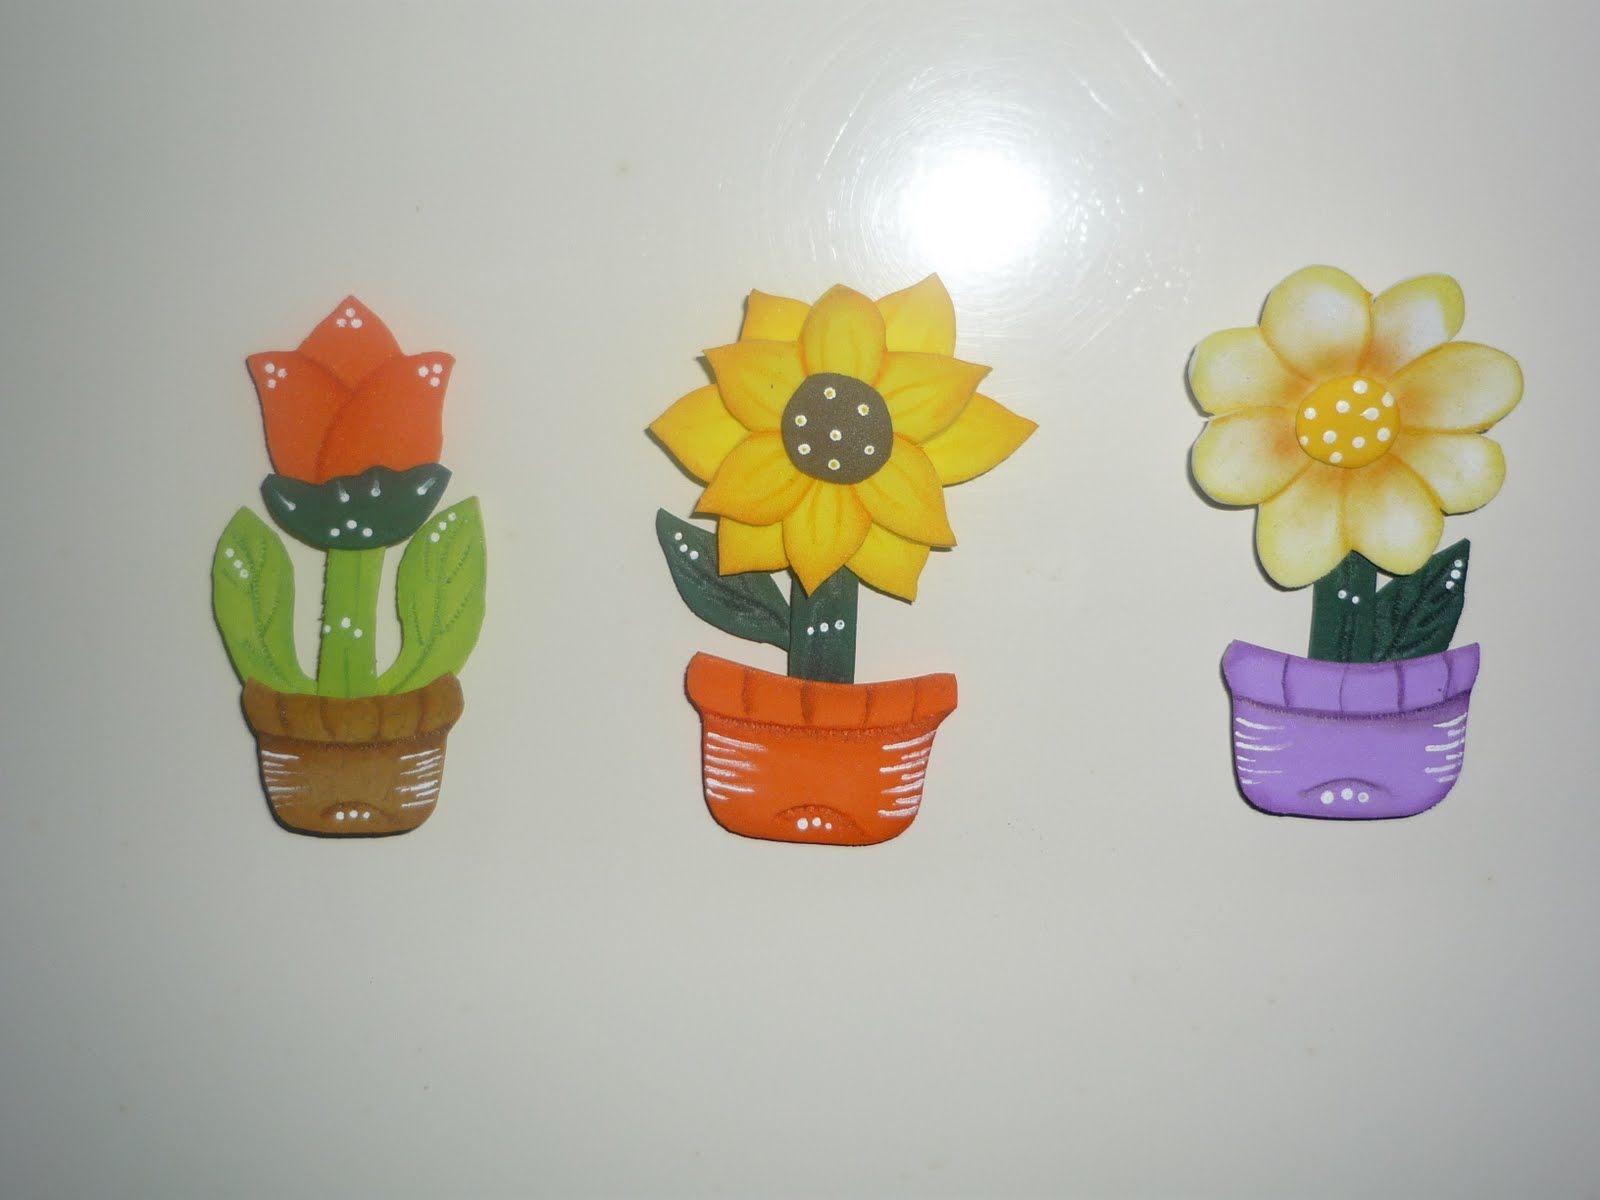 flores en foami paso a paso - Buscar con Google | Manualidades, Flores en  foami y Manualidades día de las madres